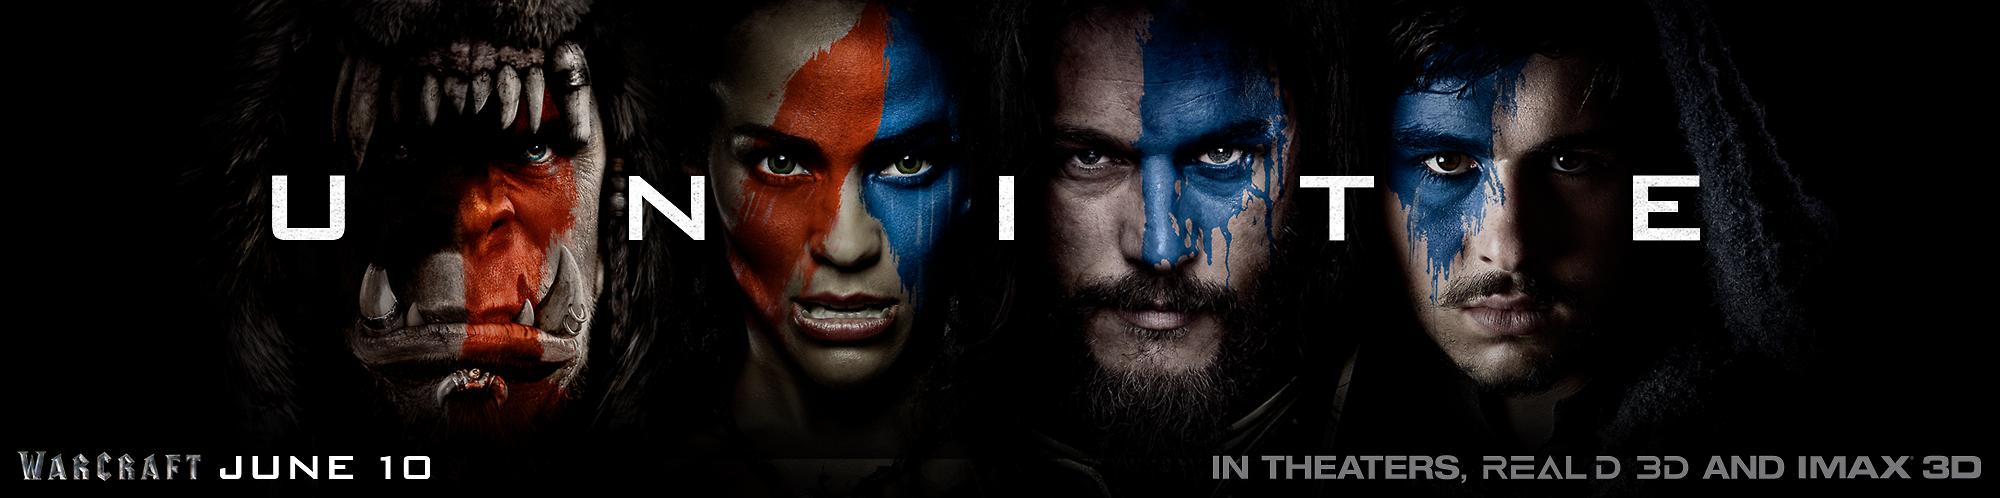 8717add16232 Warcraft International Trailer   Image  Worlds Will Collide